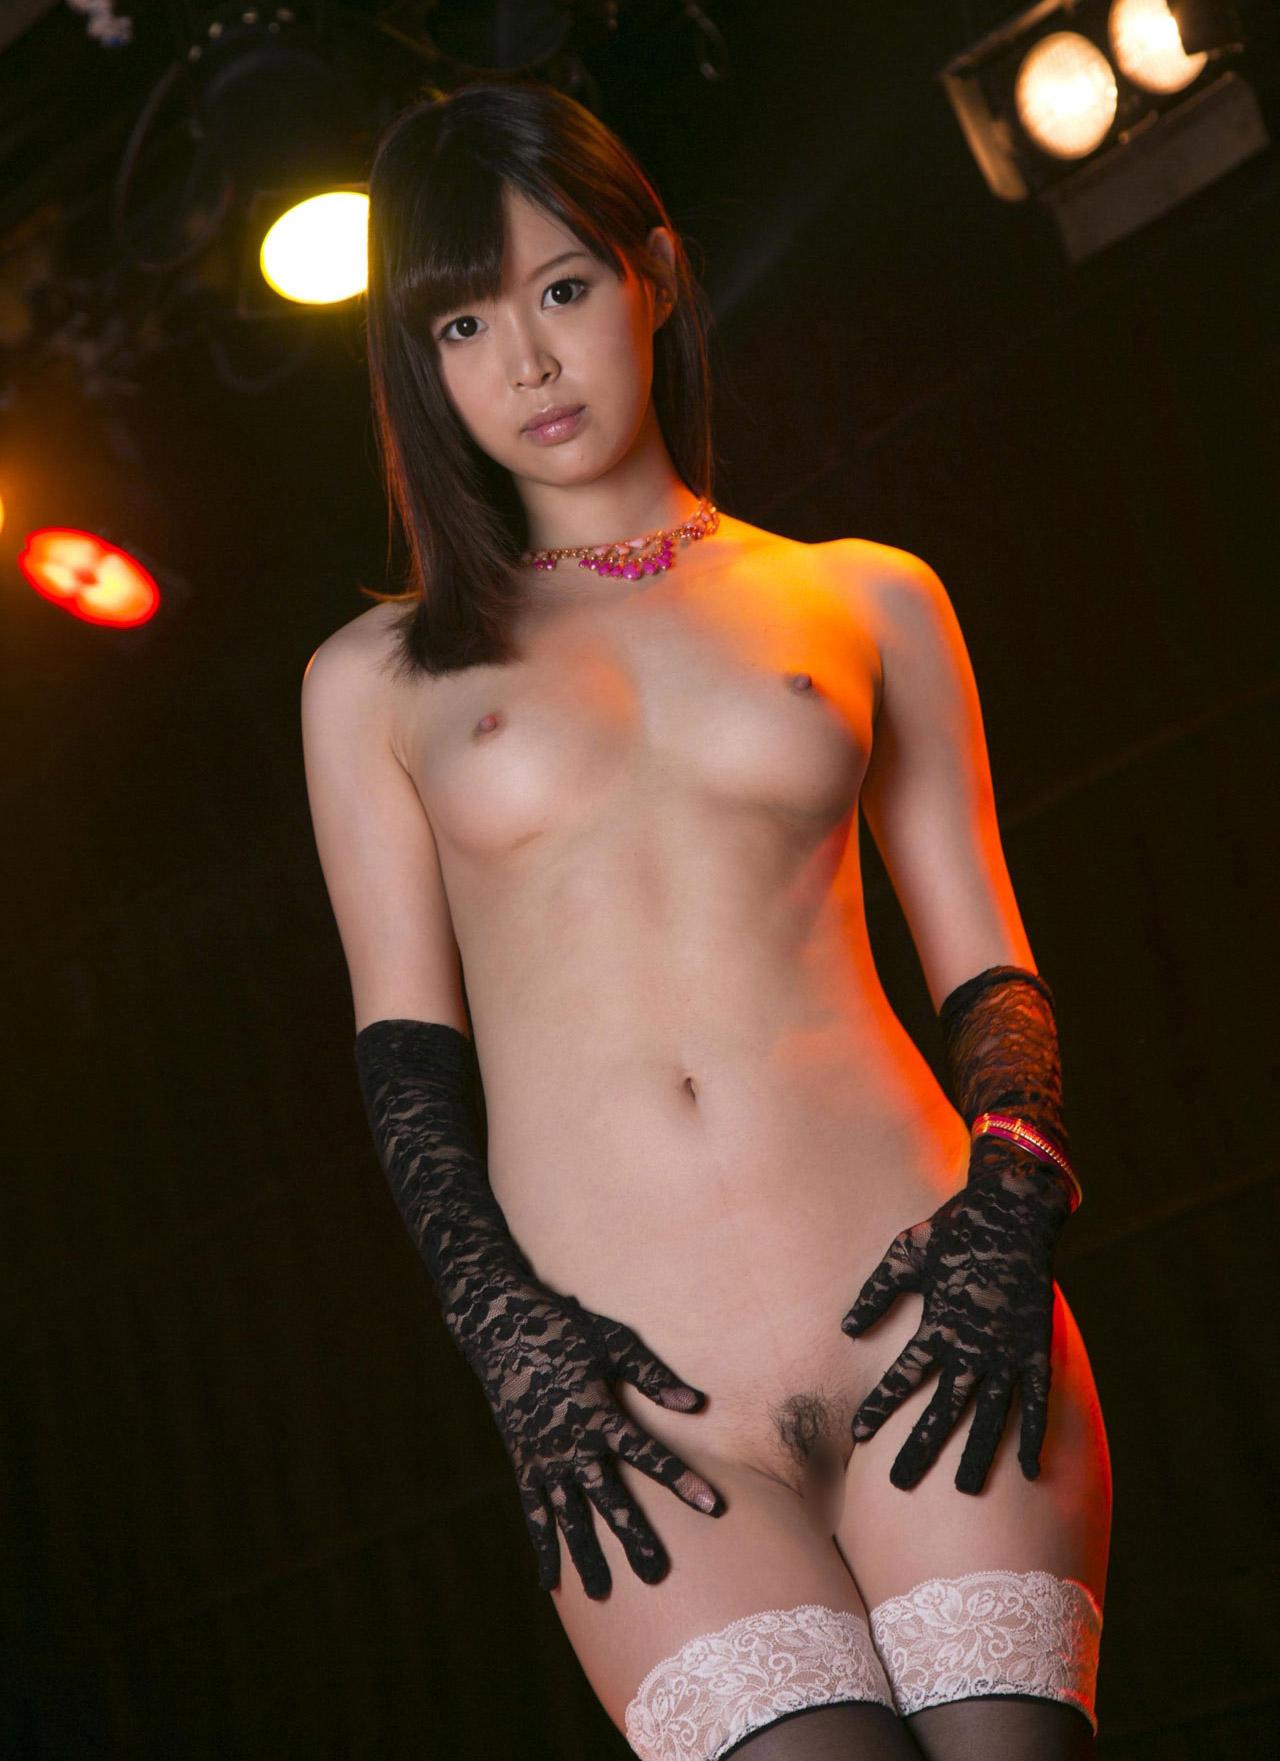 三次元 3次元 エロ画像 AV女優 葵つかさ ヌード べっぴん娘通信 092